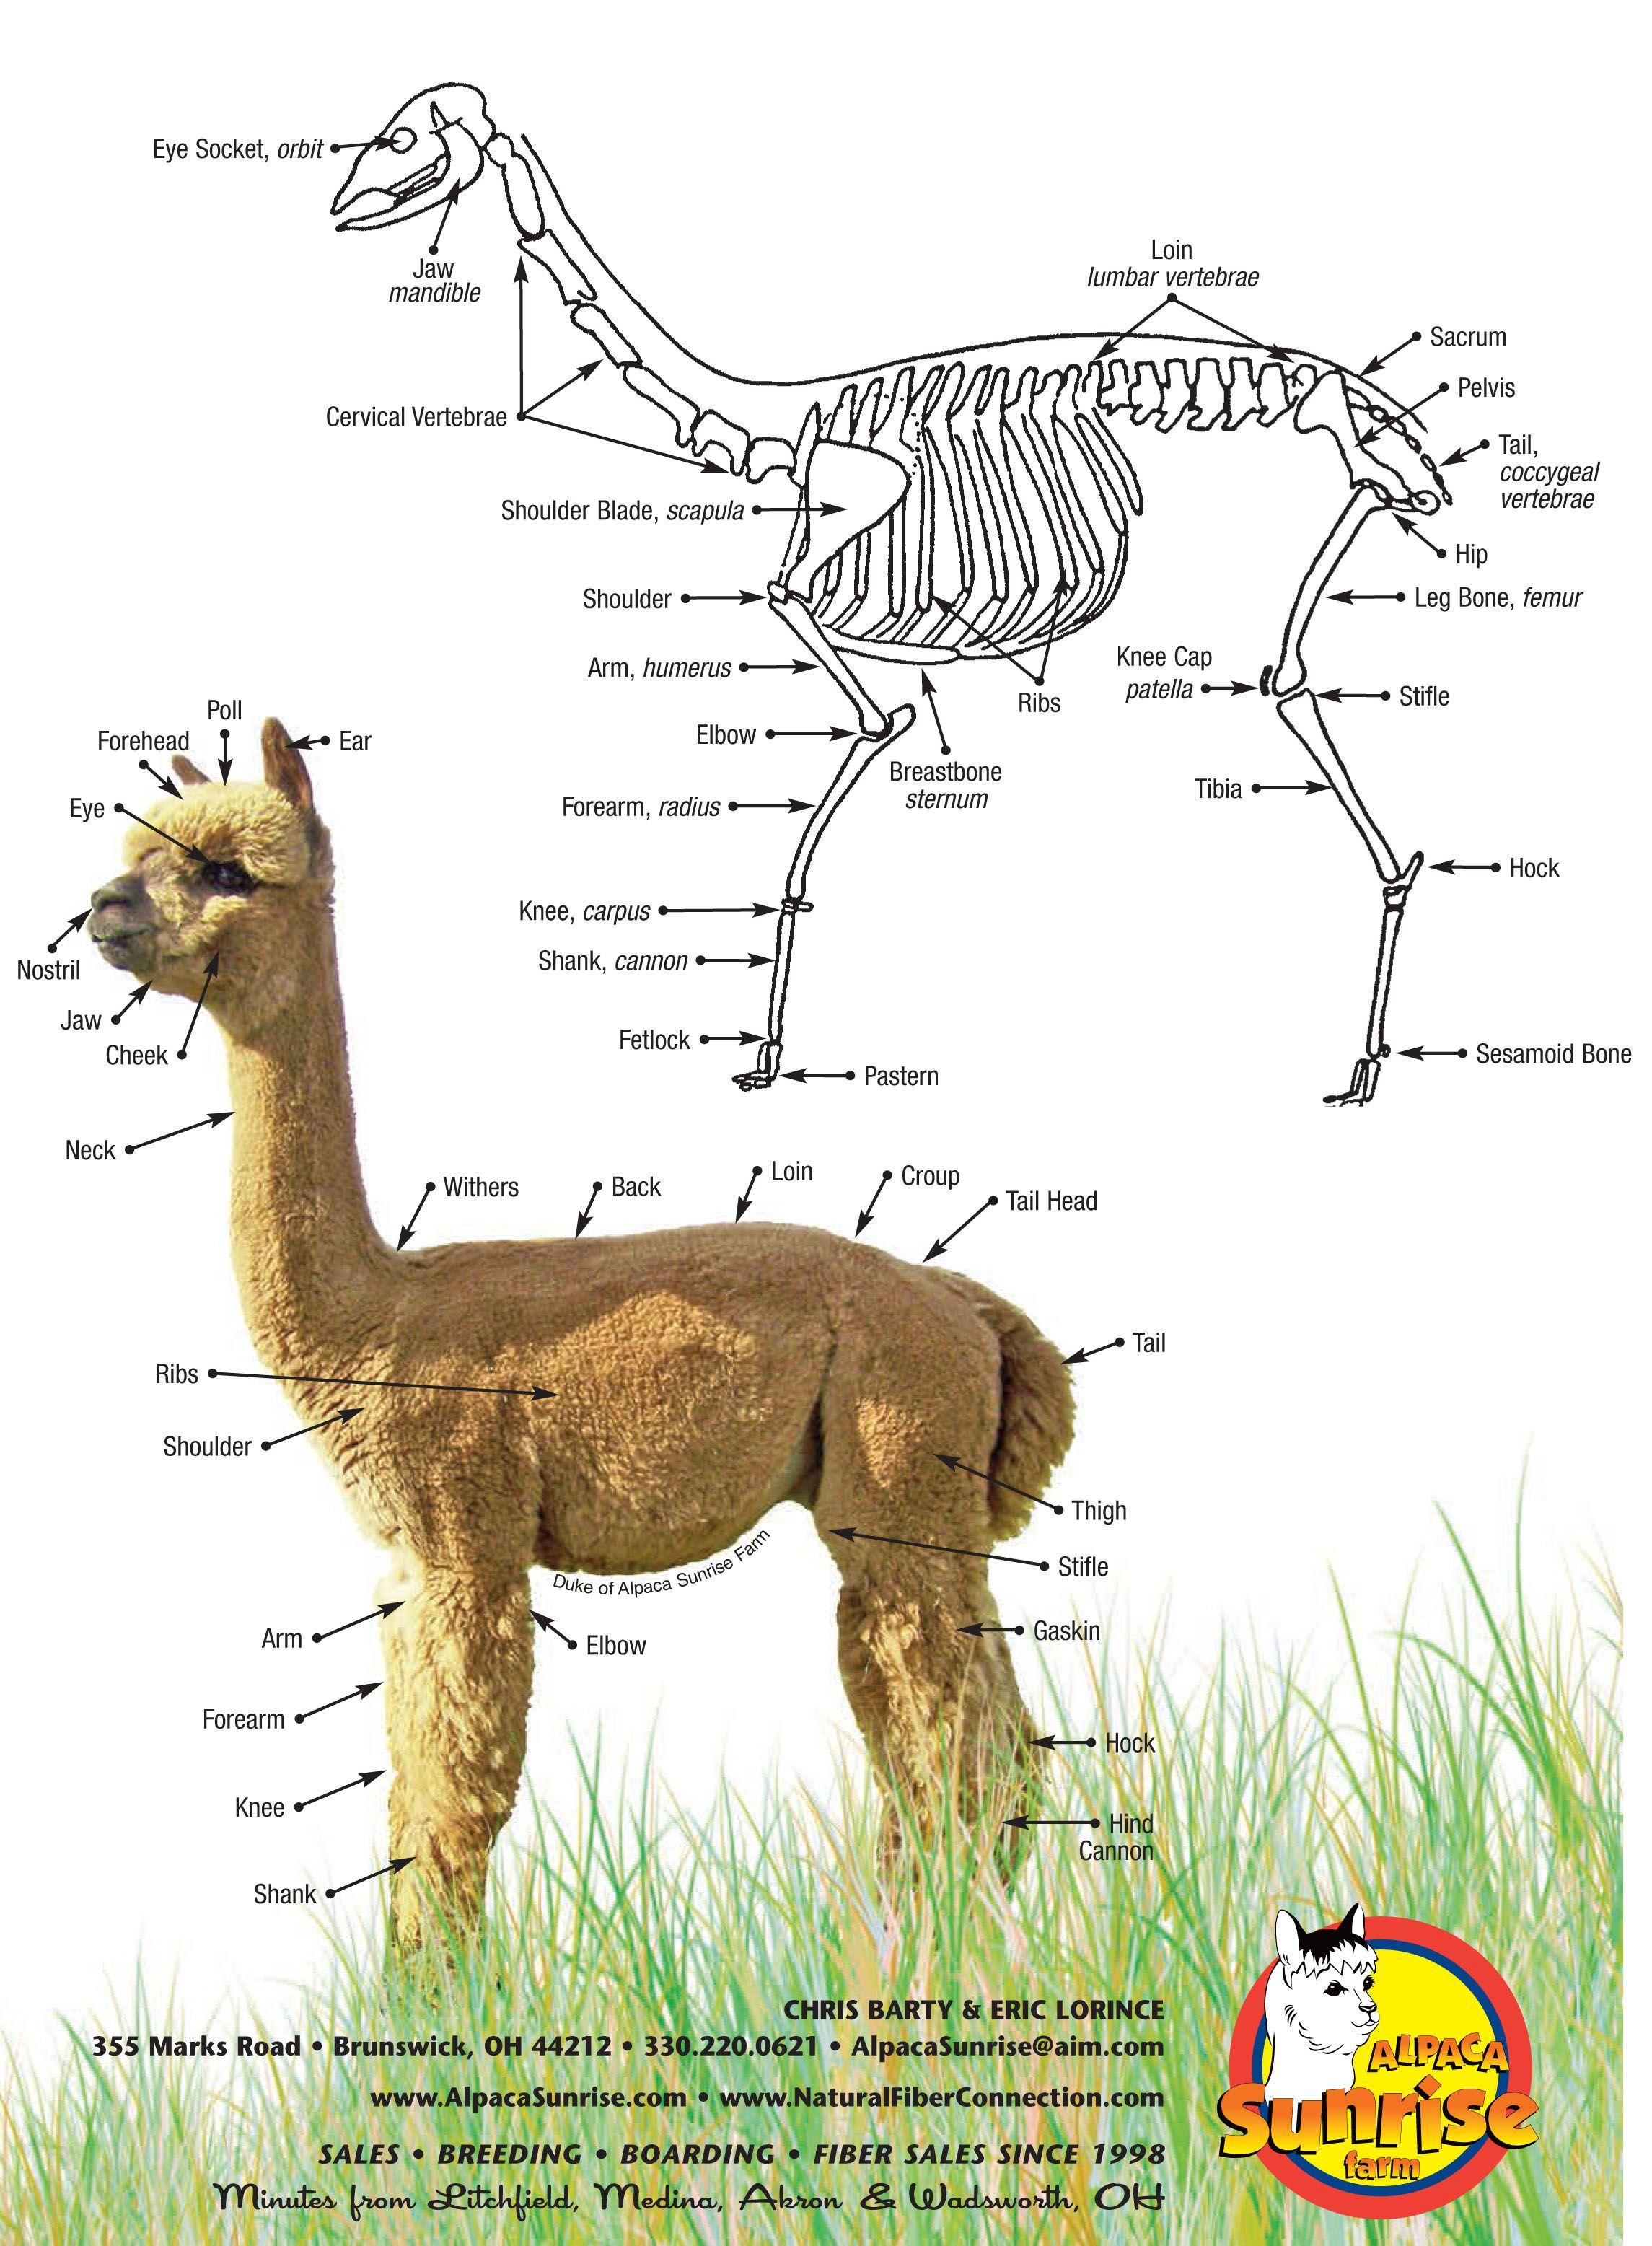 The Anatomy of an Alpaca. Alpaca Sunrise Farm is a full ...